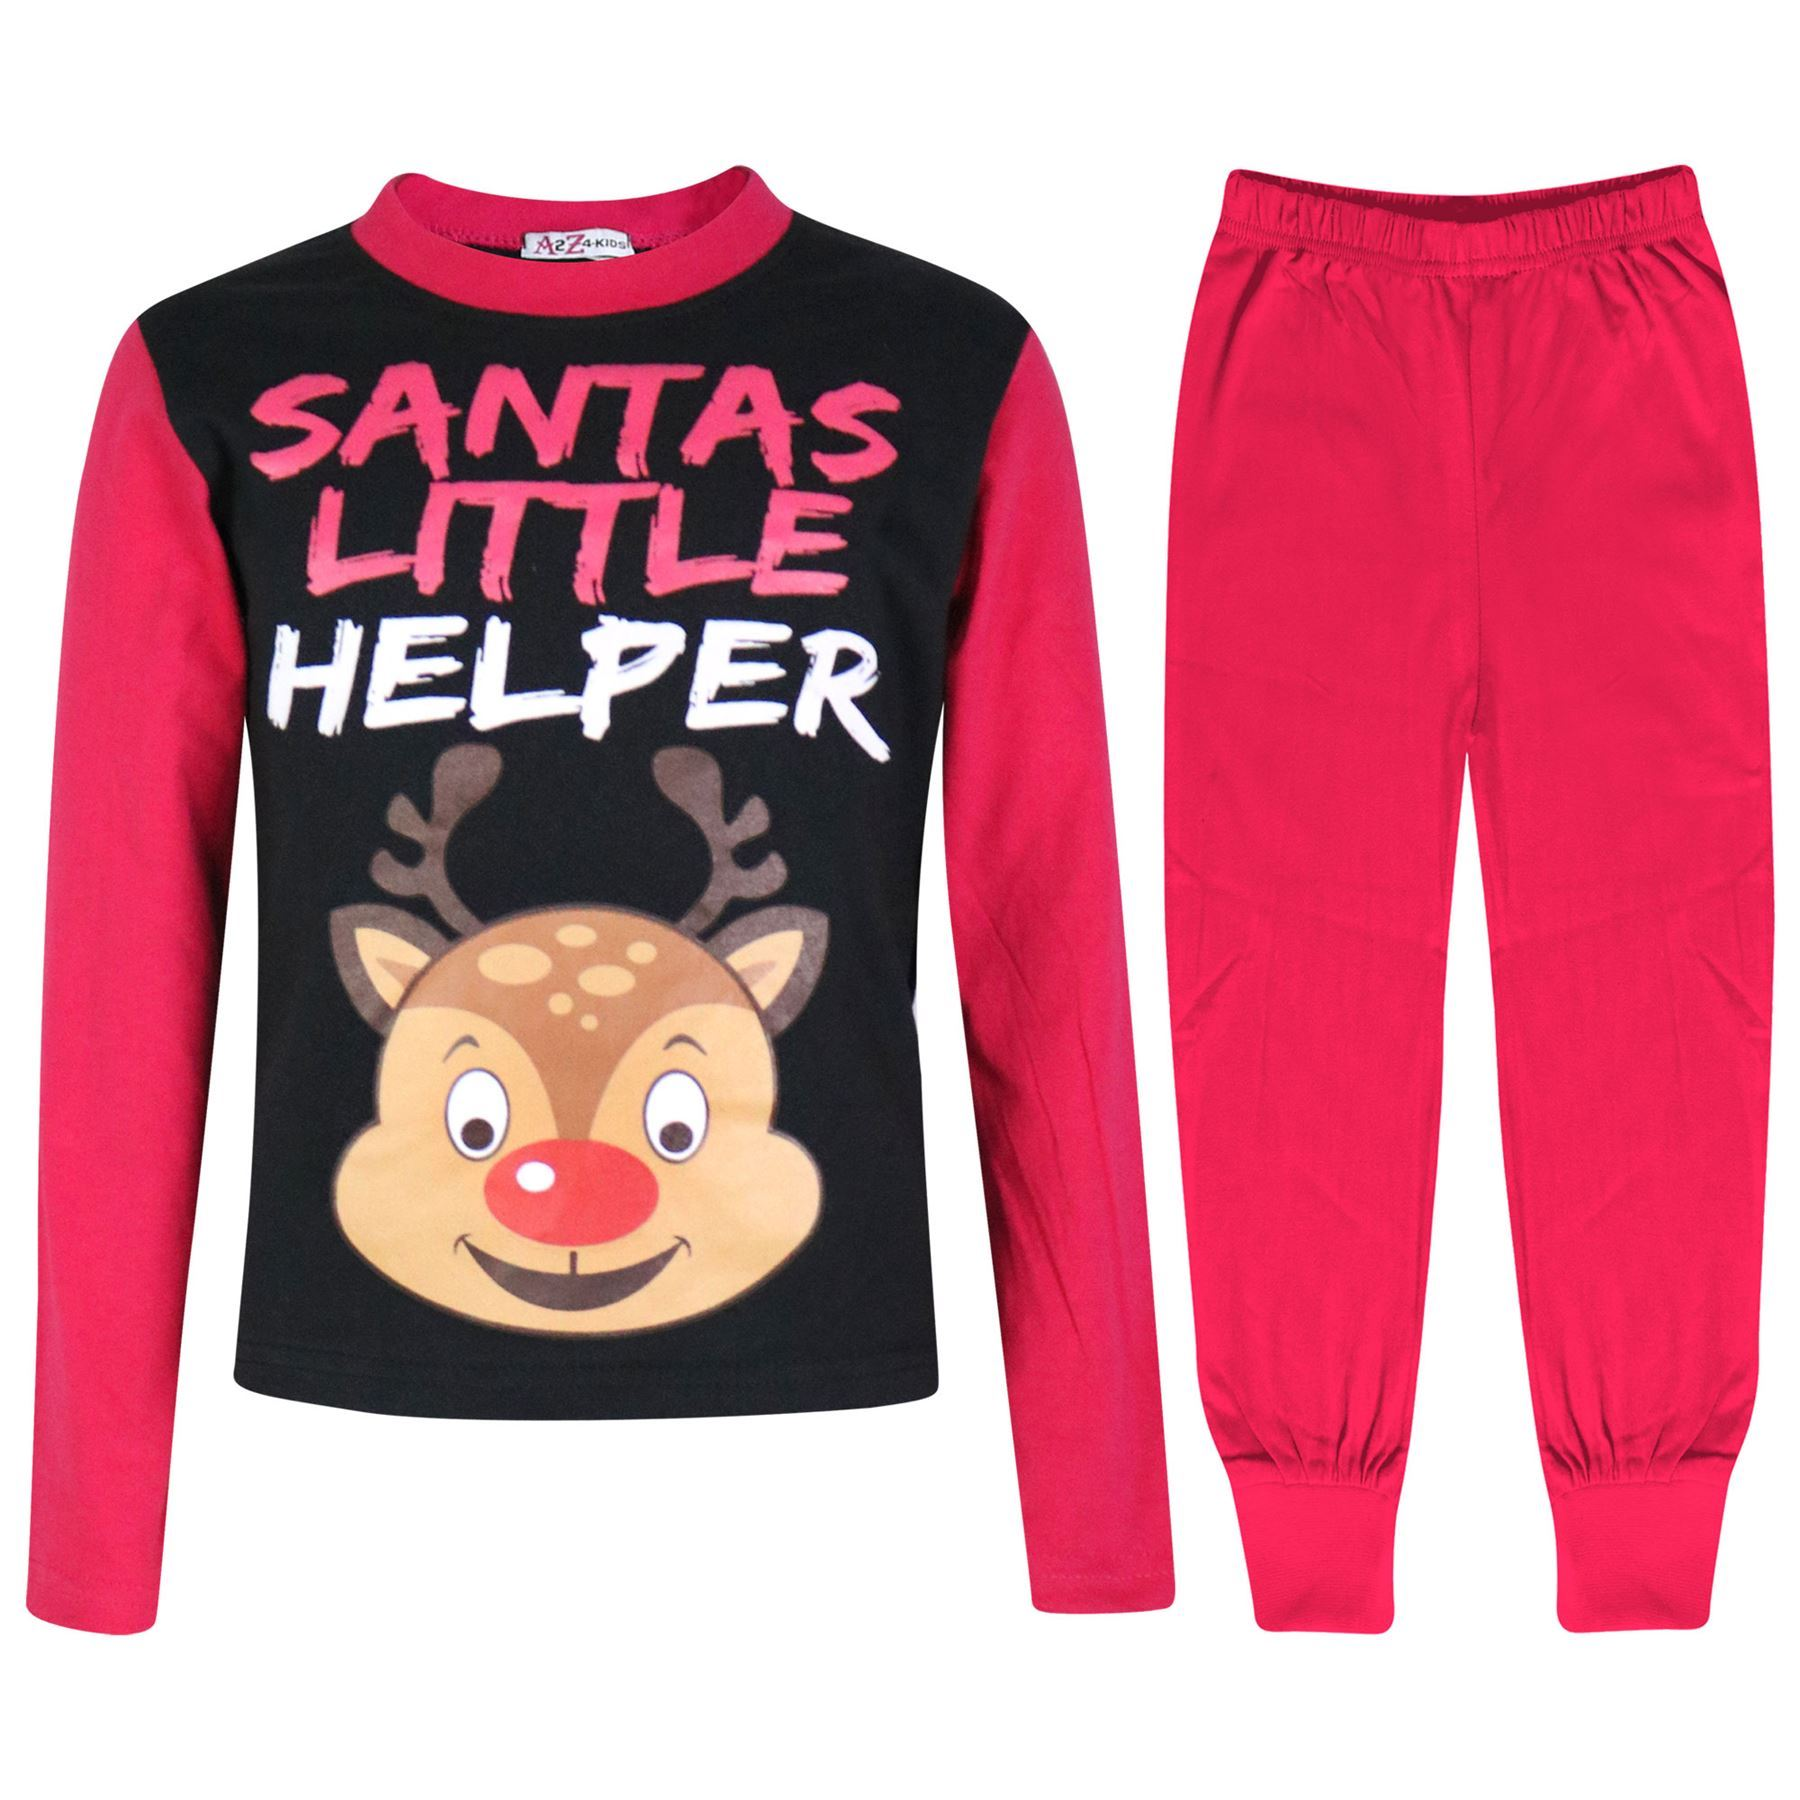 Bambine Pigiama Renna Rudolph Piccolo Aiutante di Babbo Natale Renna Rosa Natale Pjs